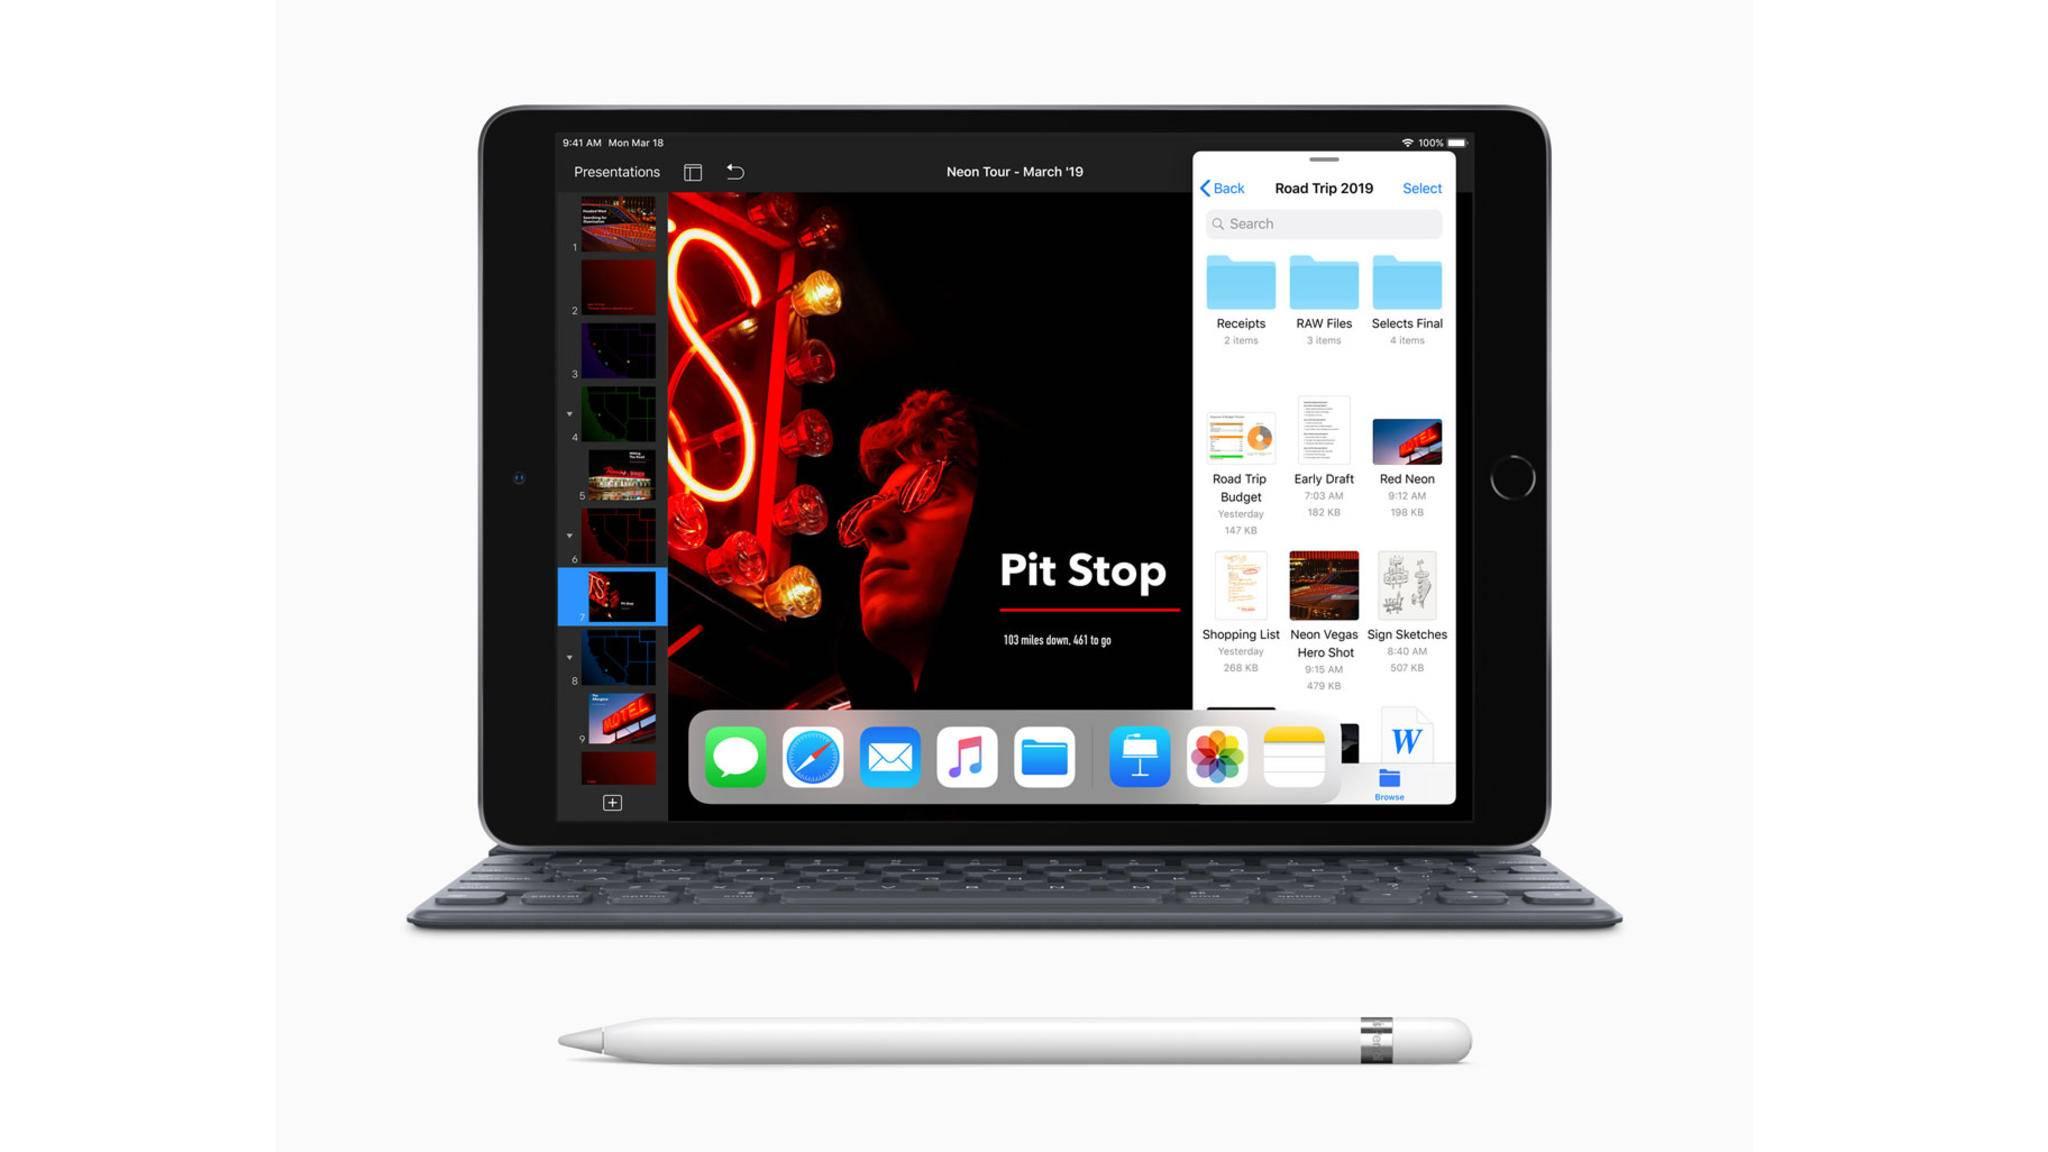 Das iPad Air (2019) unterstützt den Apple Pencil und das Smart Keybord.